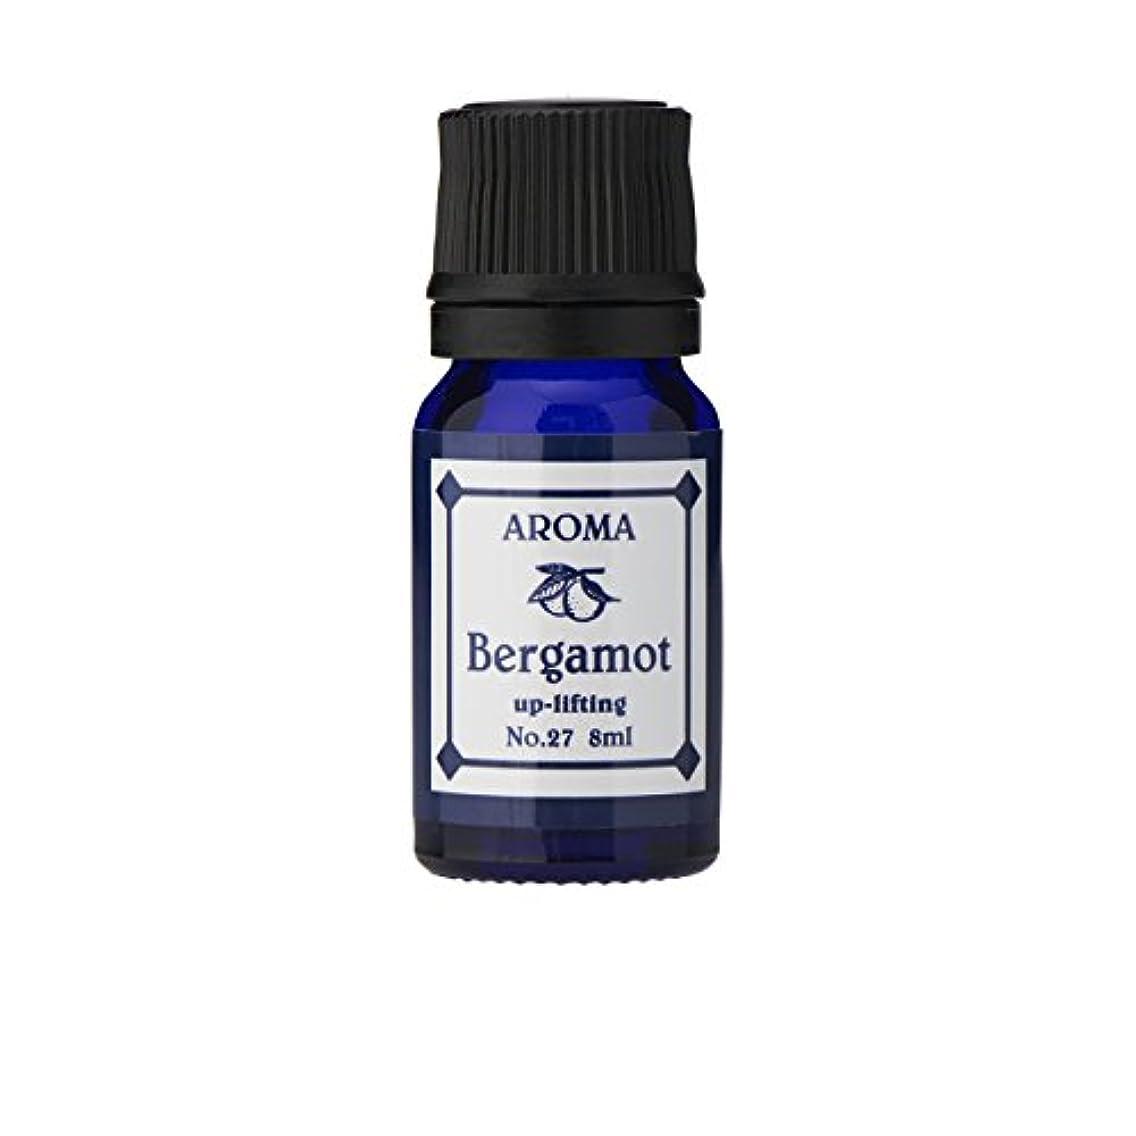 人生を作るゼロシートブルーラベル アロマエッセンス8ml ベルガモット(アロマオイル 調合香料 芳香用)